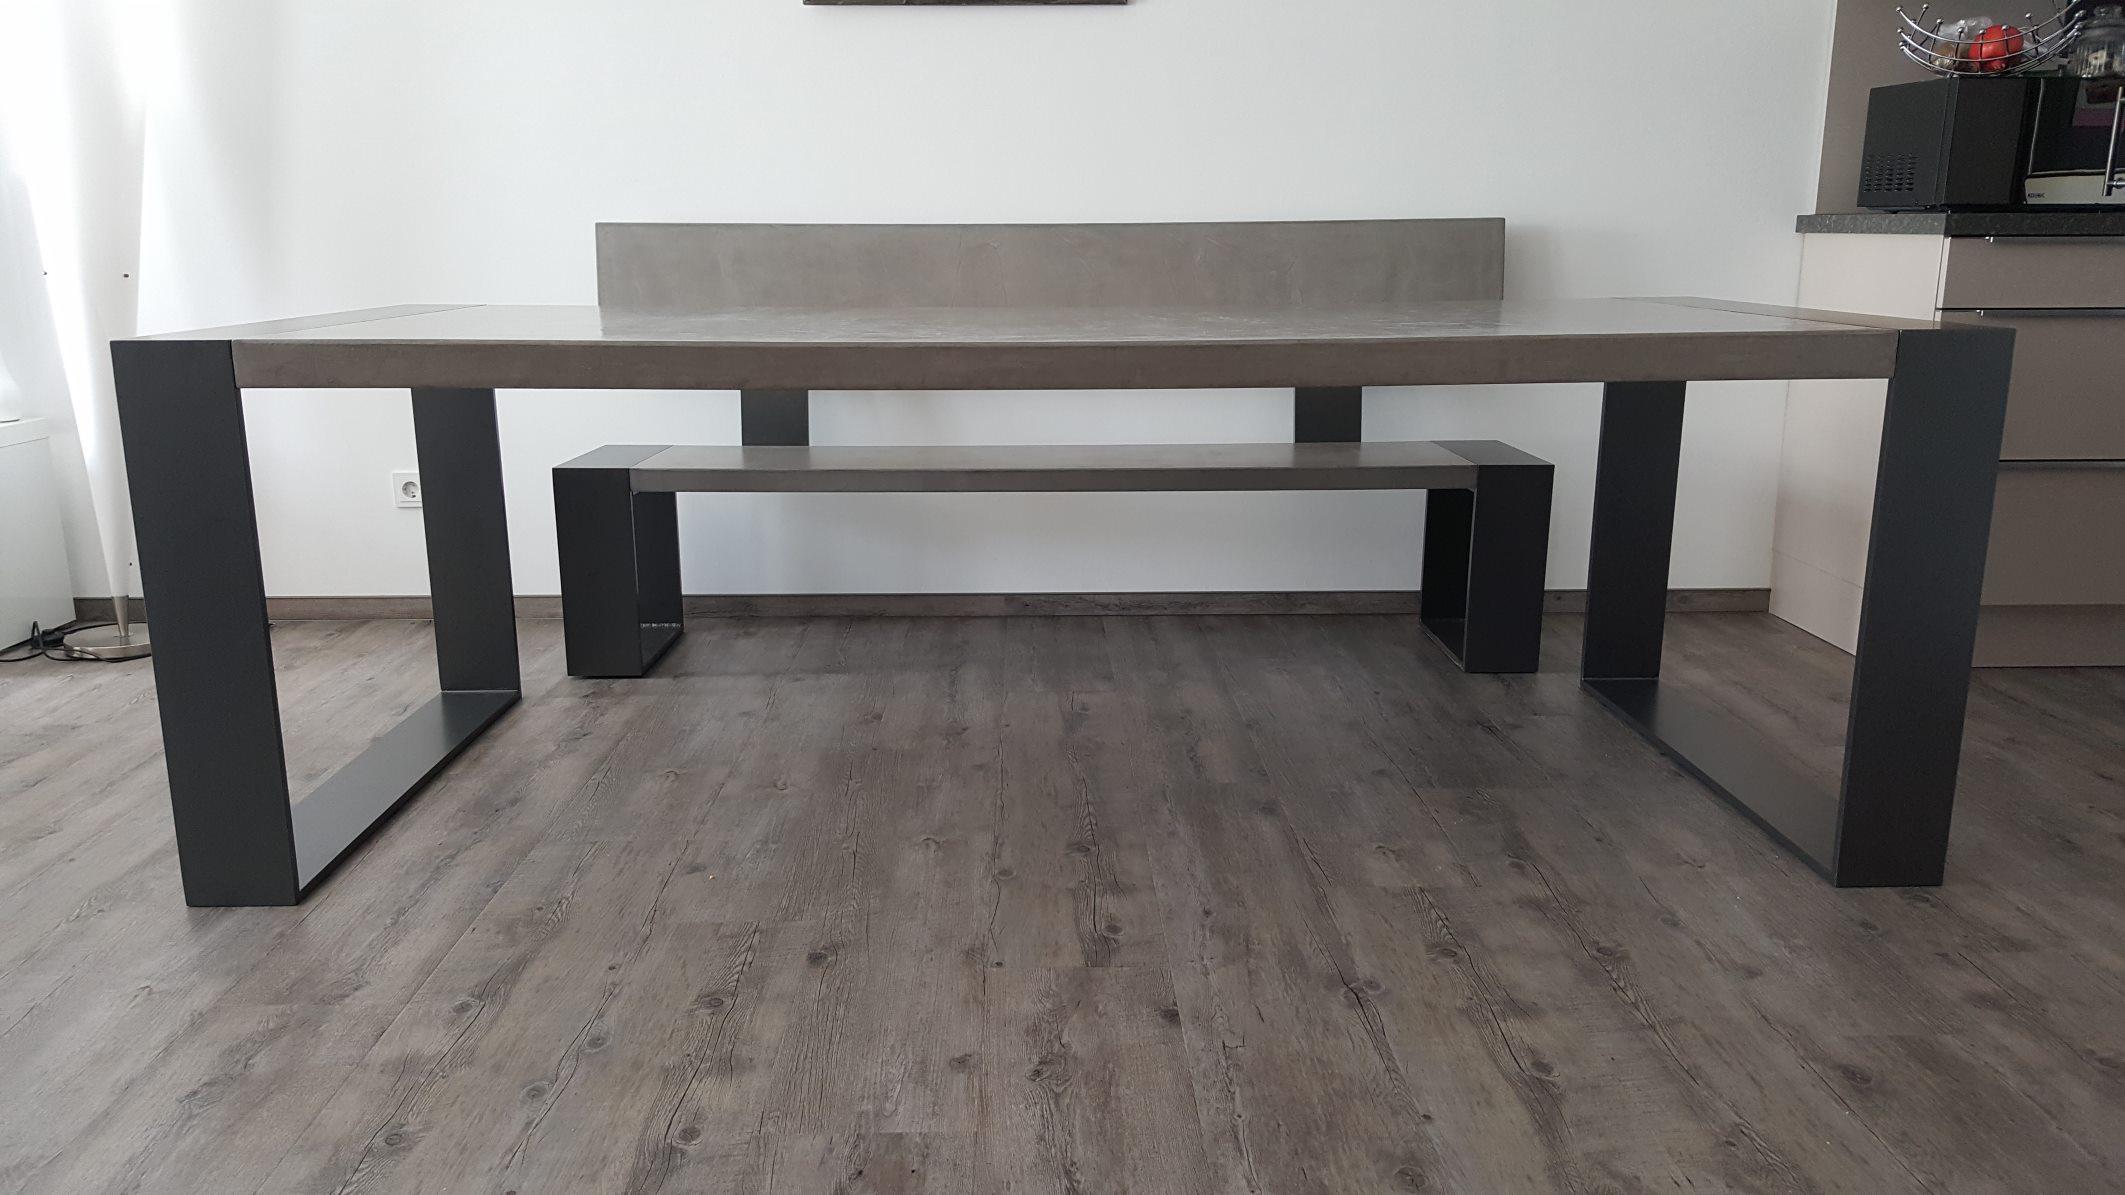 maintisch beton tisch betontisch sitzbank masstisch schreibtisch esstisch stahlrahmen. Black Bedroom Furniture Sets. Home Design Ideas